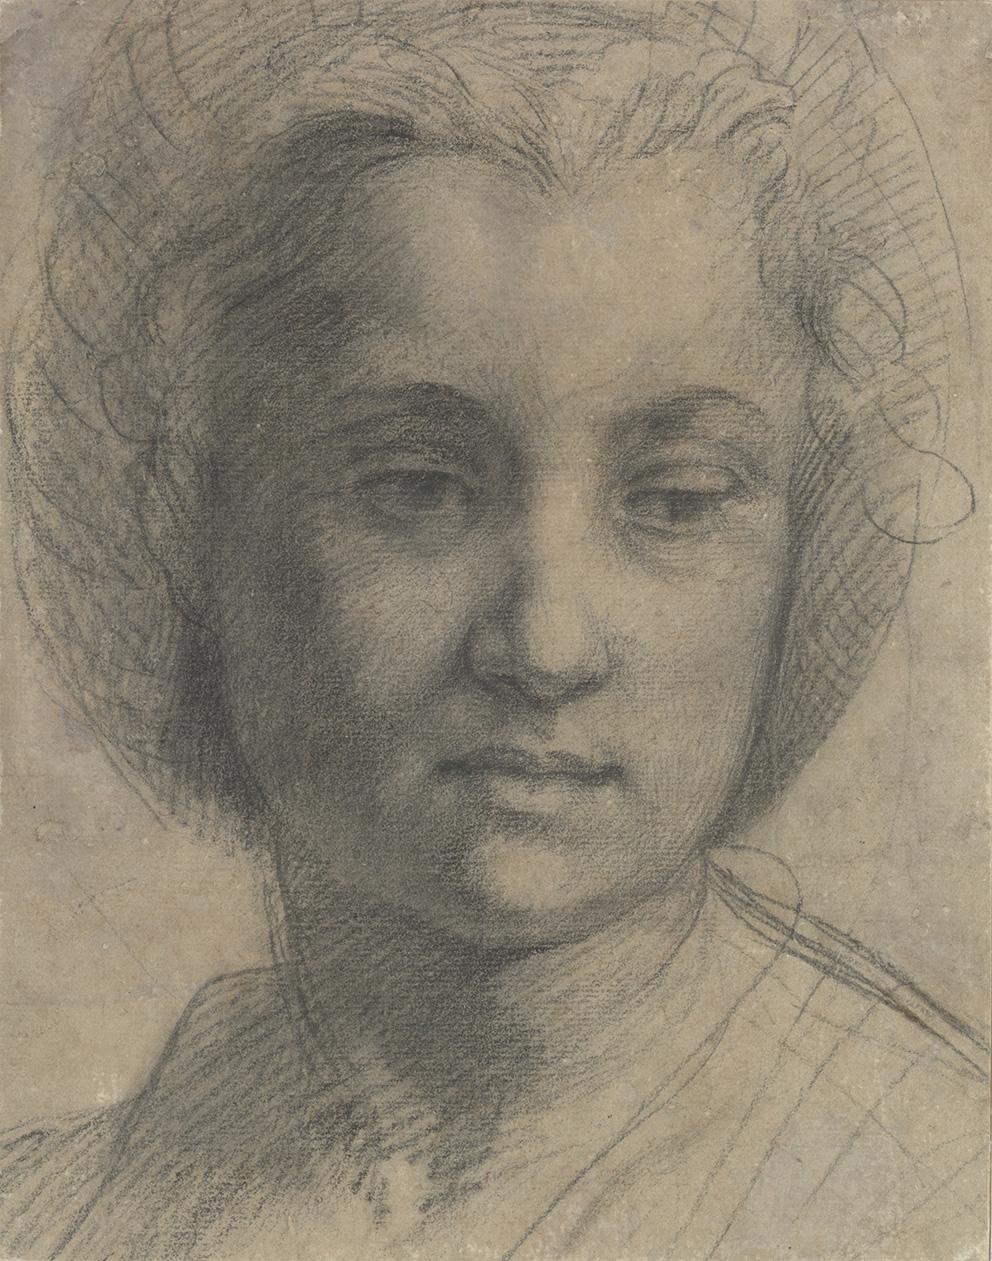 Andrea del Sarto (1486-1531), Tête d'une jeune femme, légèrement tournée vers la droite, vers 1517, pierre noire sur papier gris, 25,9 x 2